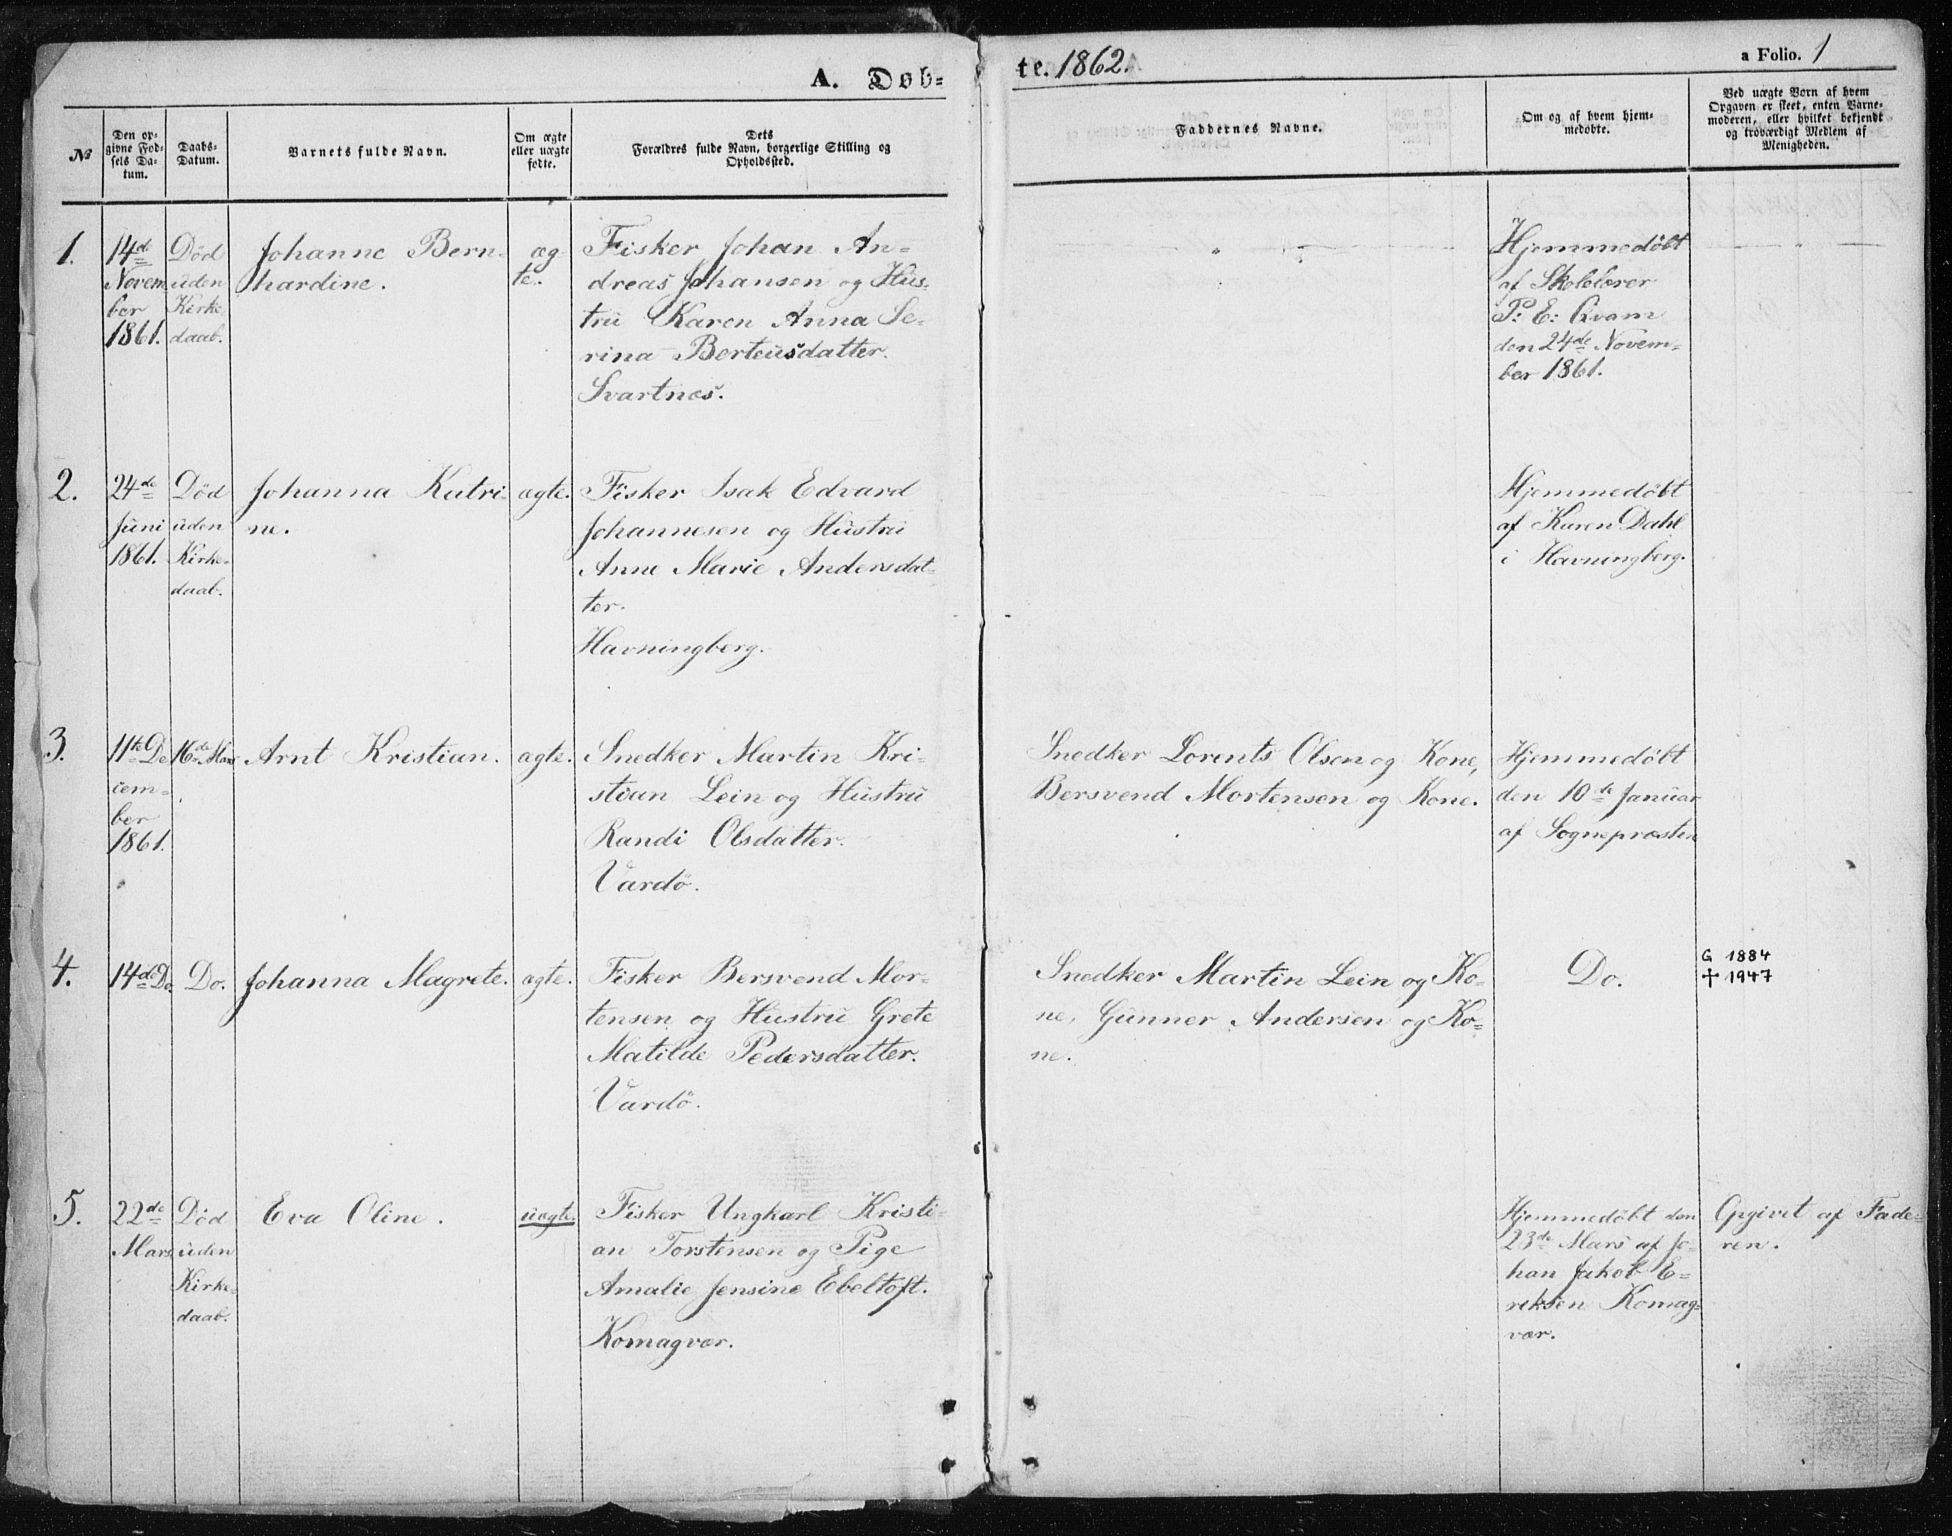 SATØ, Vardø sokneprestkontor, H/Ha/L0004kirke: Ministerialbok nr. 4, 1862-1871, s. 1